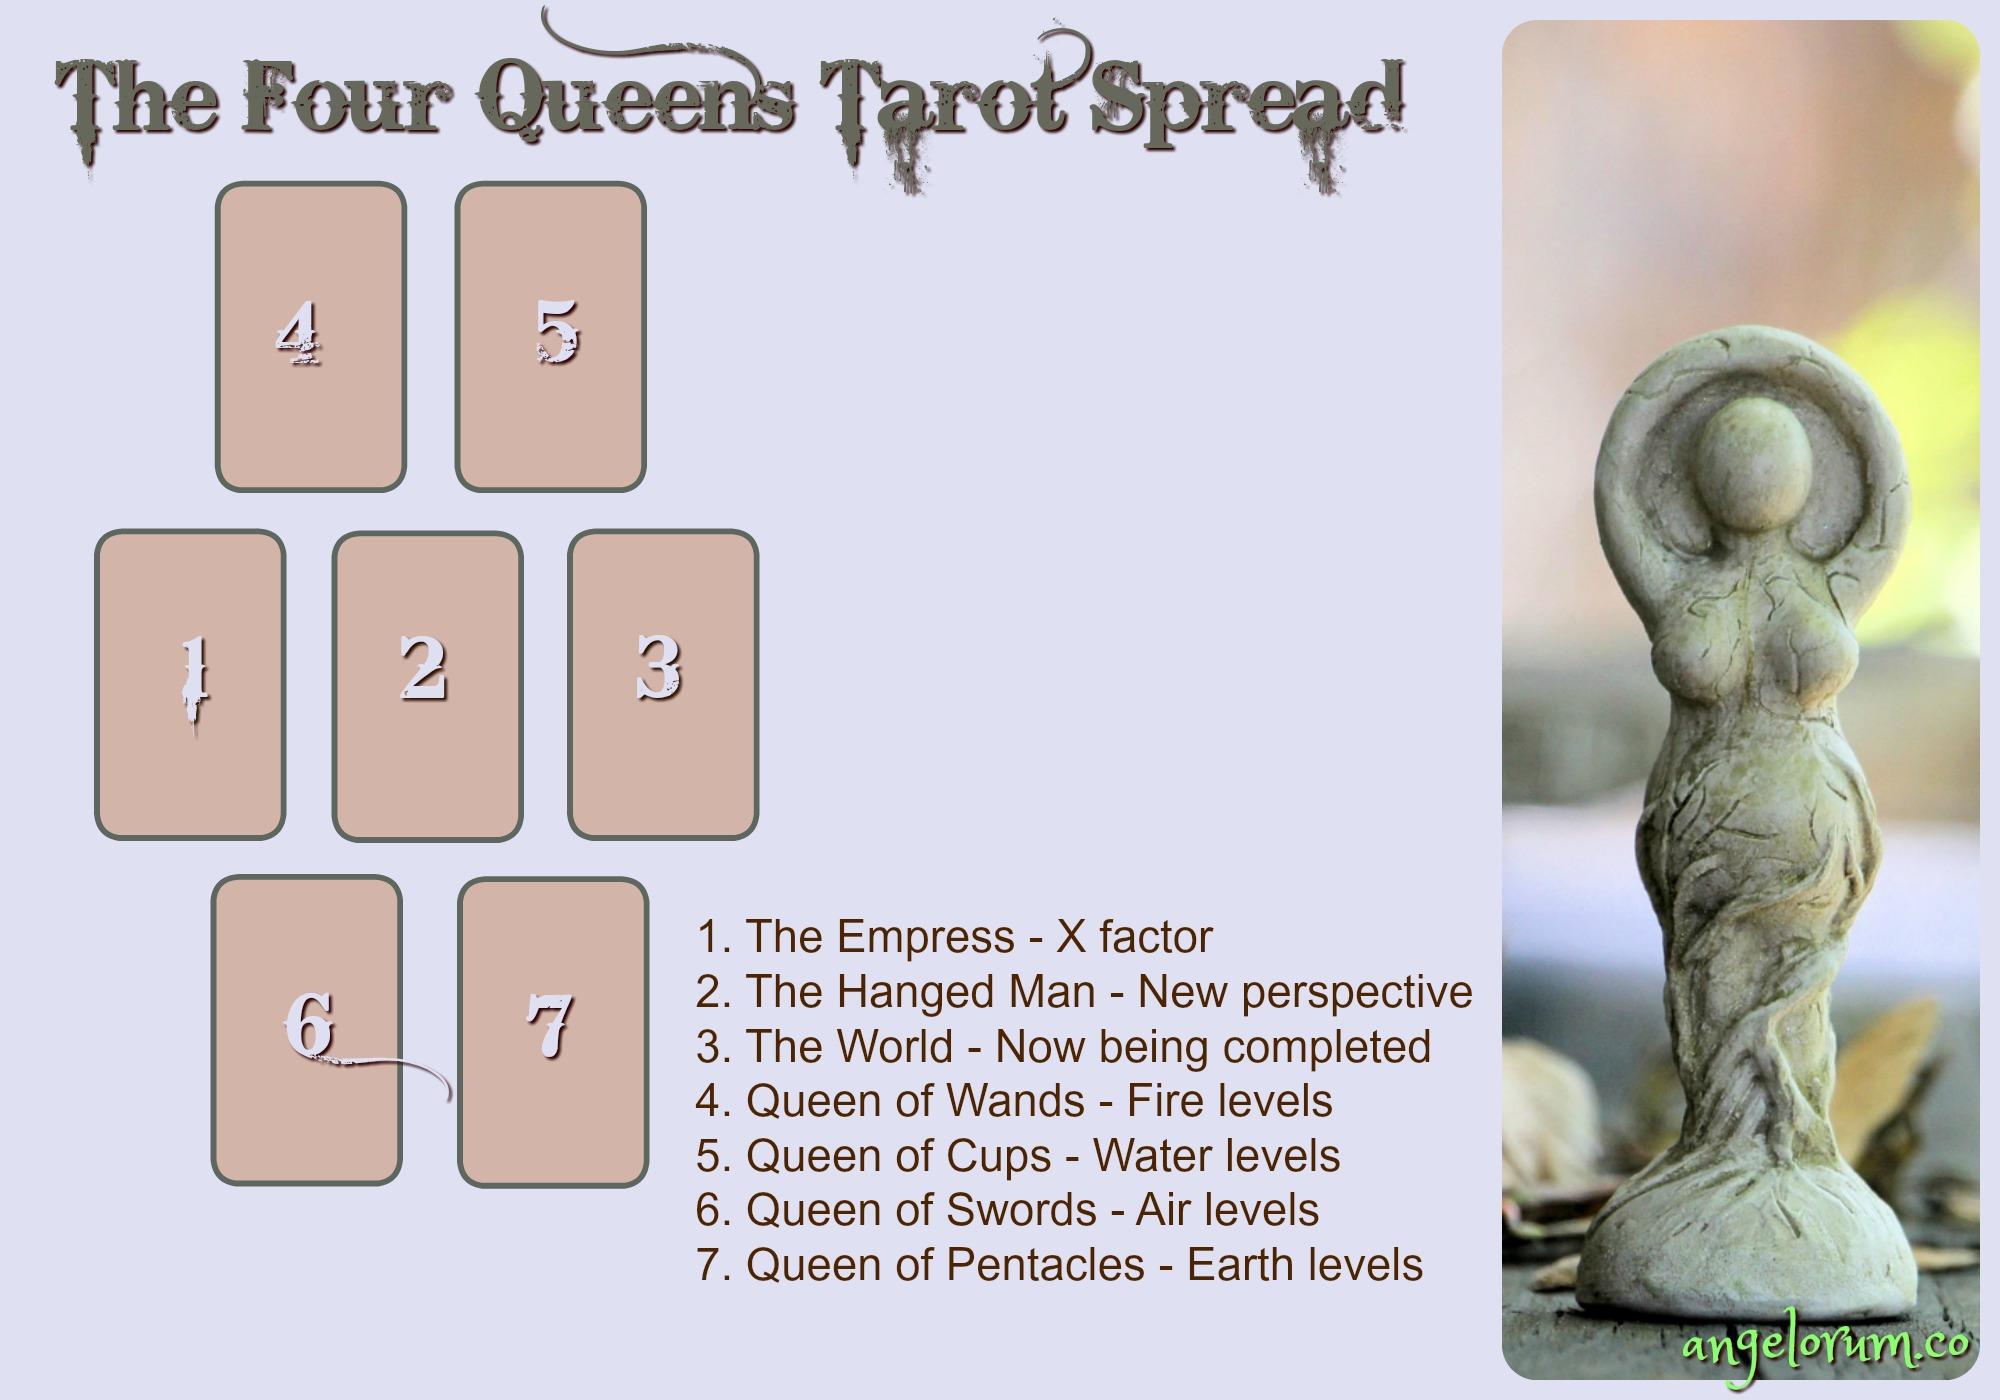 Las Cuatro Reinas The-four-queens-tarot-spread